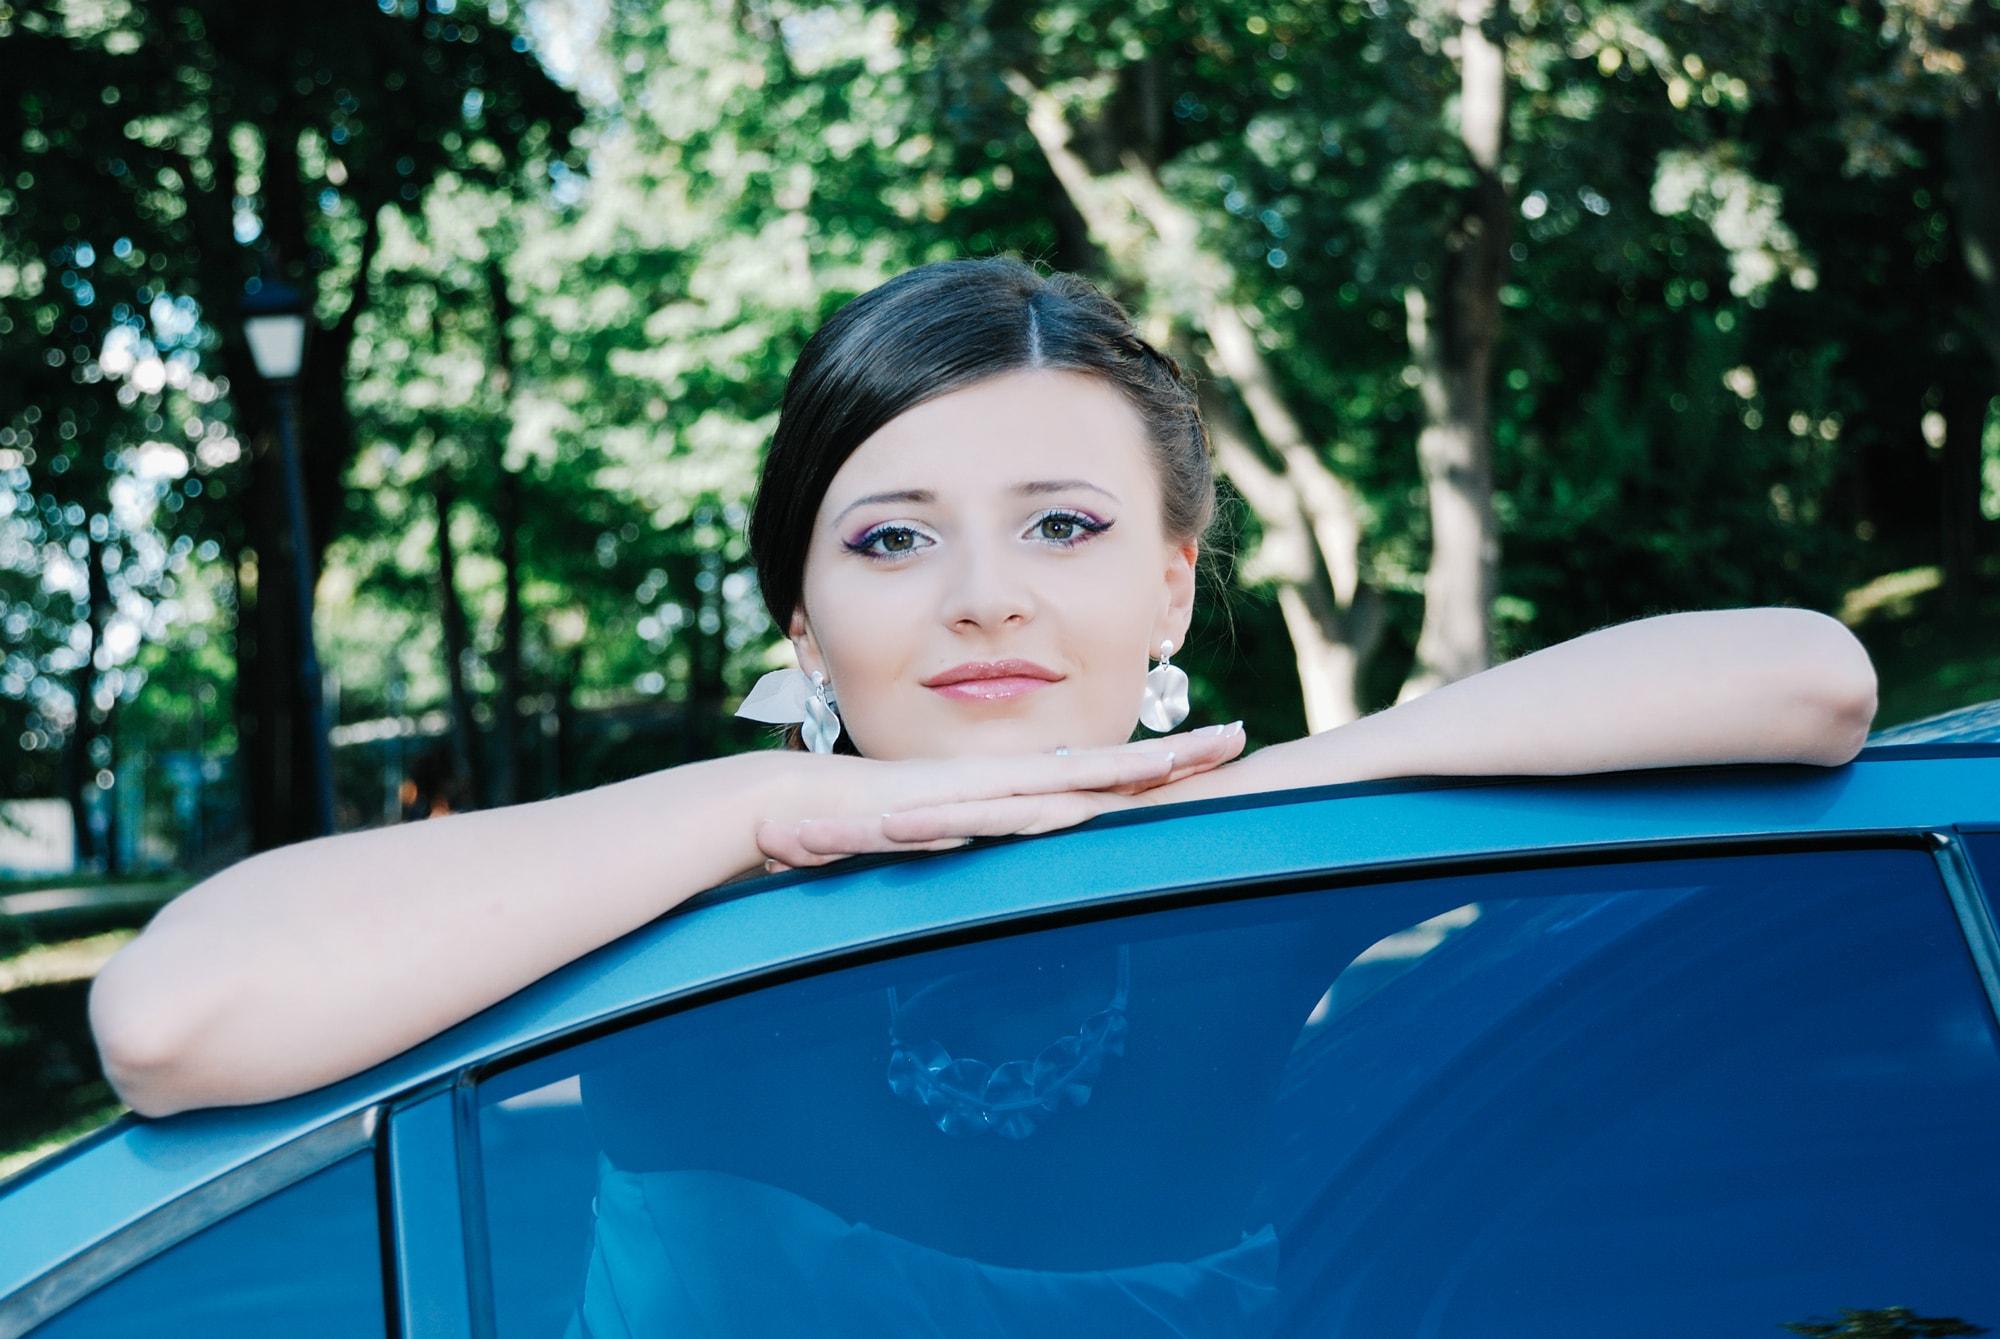 Невеста возле свадебного лимузина - Фотограф Киев - Женя Лайт